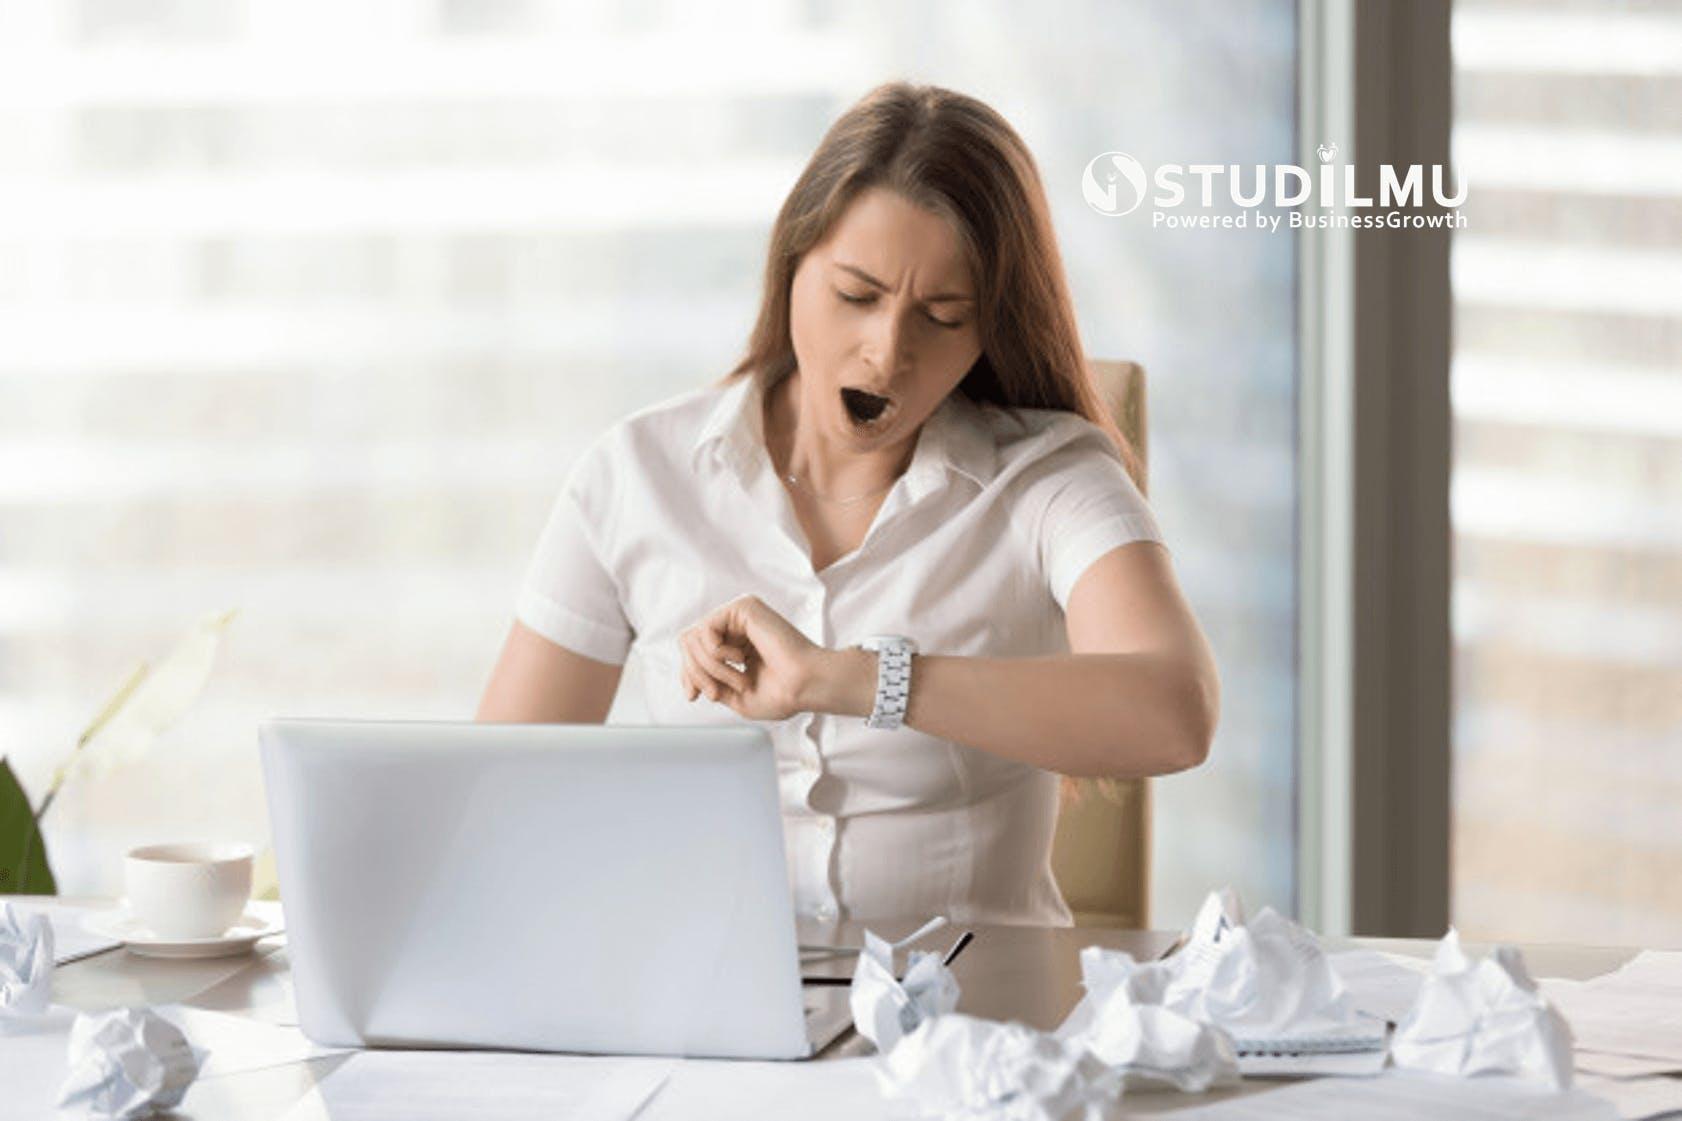 STUDILMU Career Advice - 5 Cara Menghilangkan Rasa Malas dan Menjadi Lebih Produktif